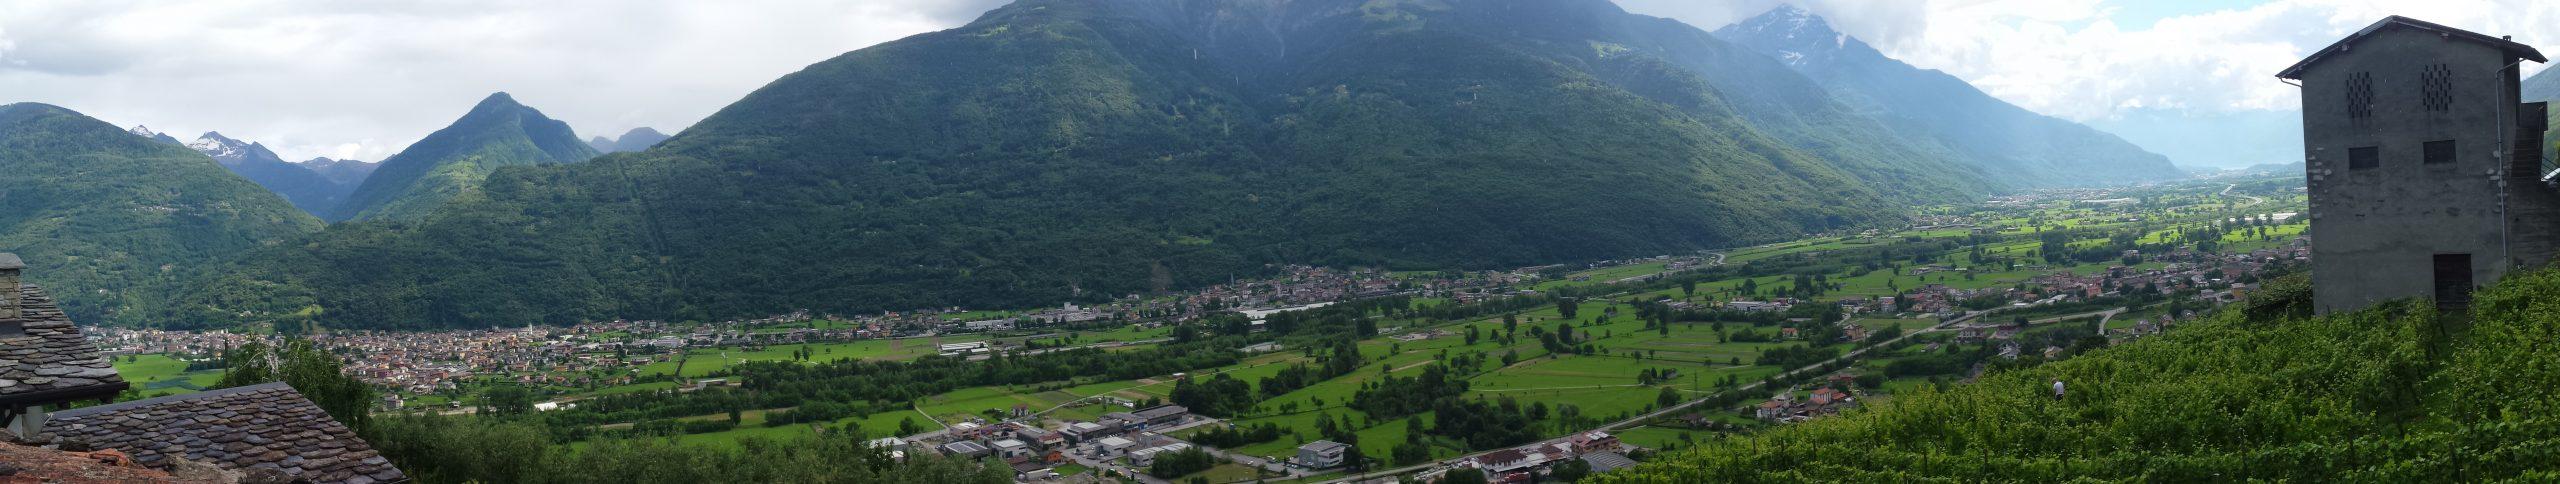 Mello, Italy